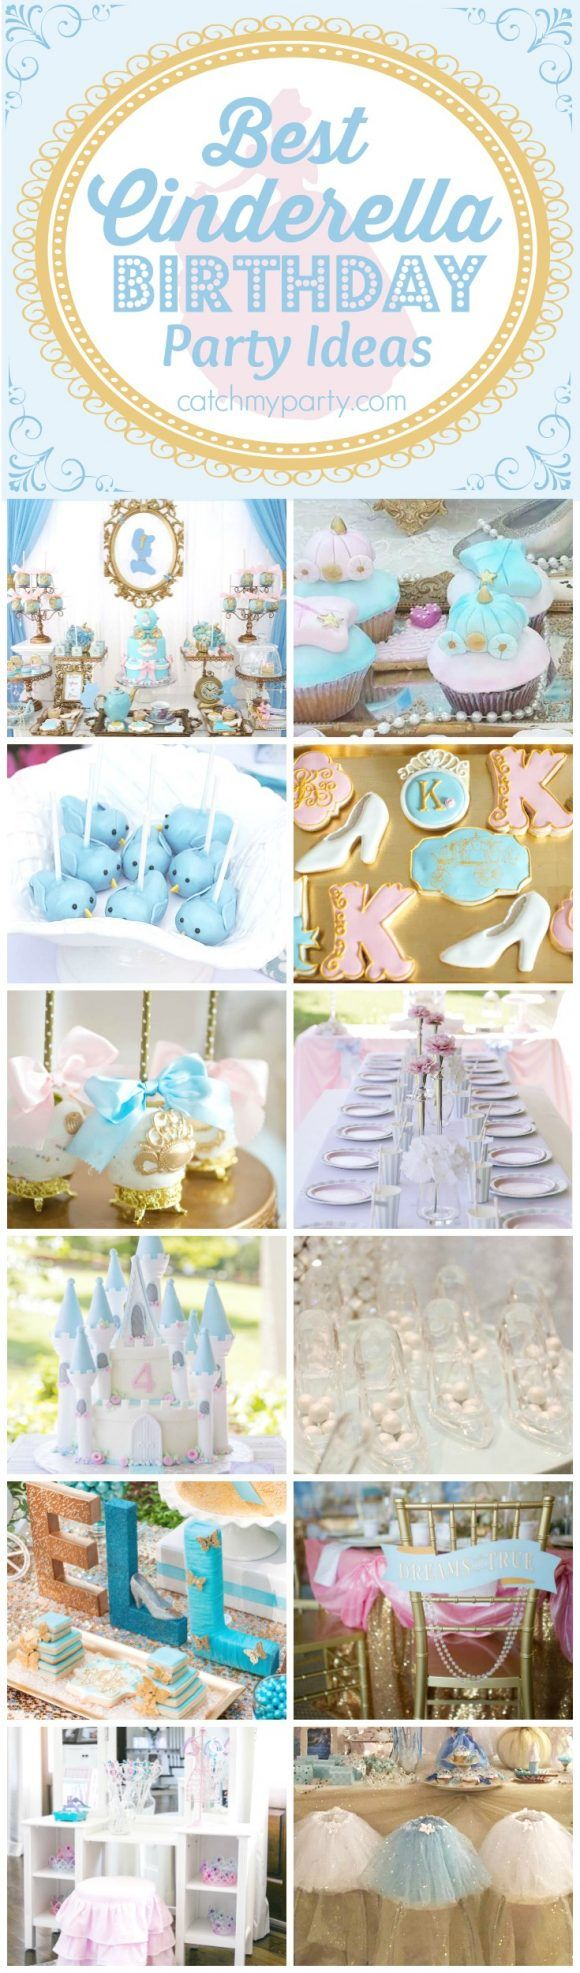 Best Cinderella Birthday Party Ideas | The Catch My Party Blog | Bloglovin'